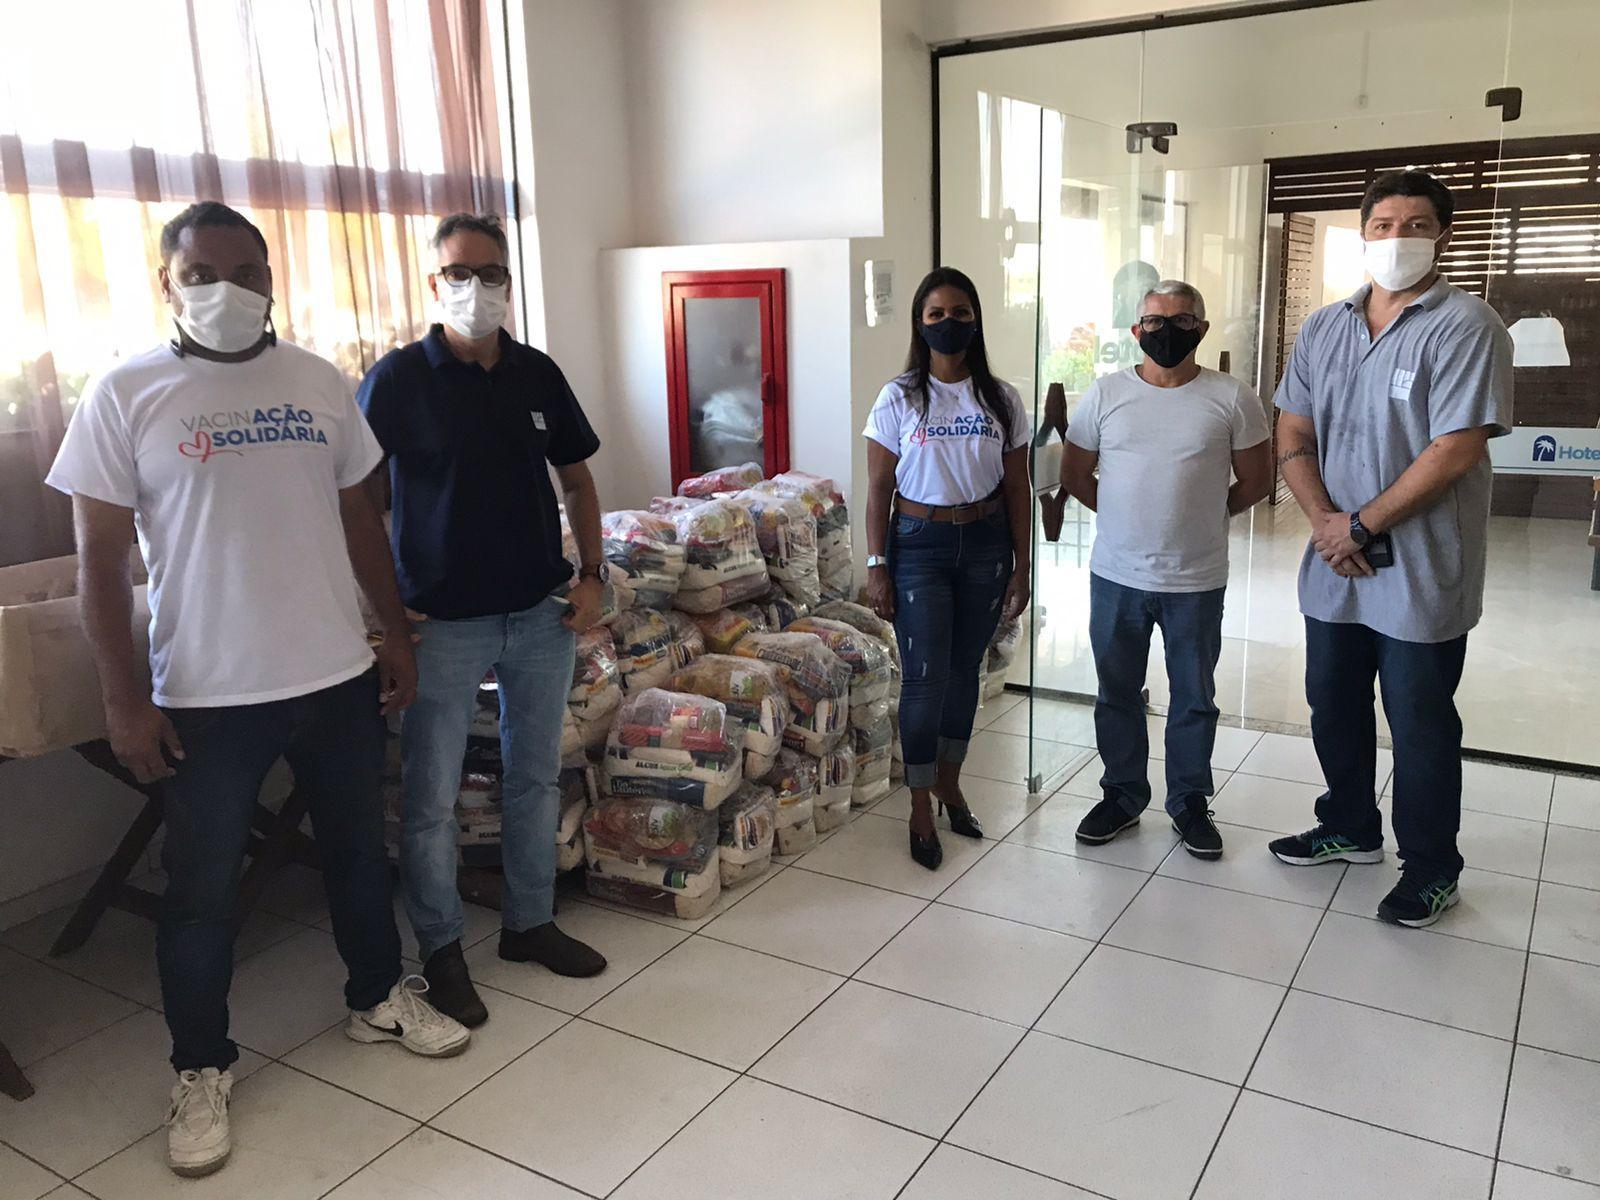 """Sindicato entrega 70 cestas de alimentos para campanha """"Vacinação Solidária"""""""